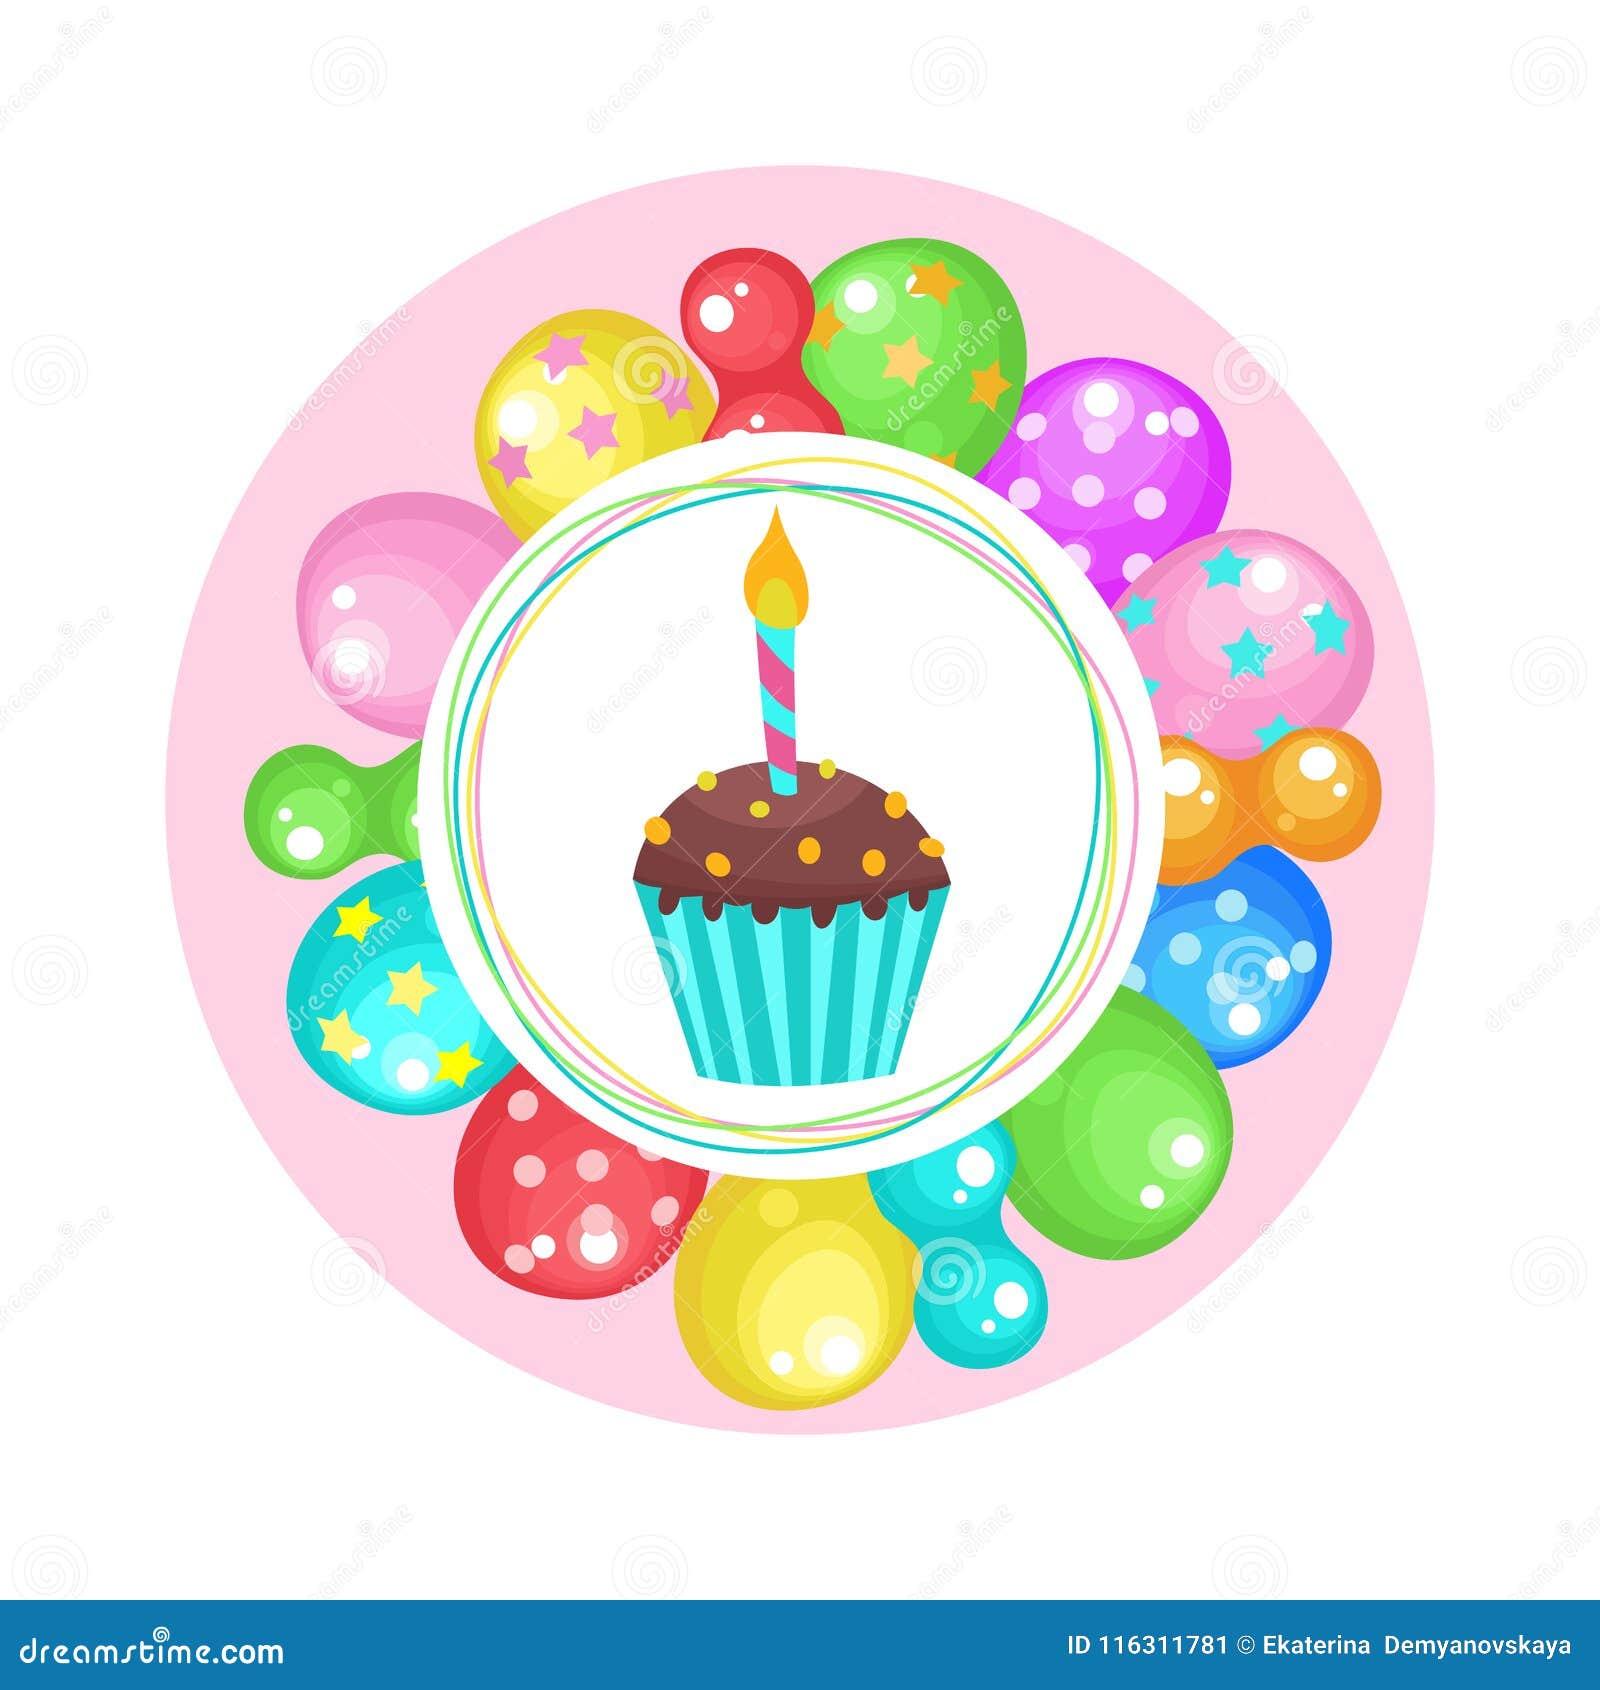 Ballons Et Gateaux Joyeux Anniversaire Clipart De Vecteur Illustration De Vecteur Illustration Du Clipart Gateaux 116311781